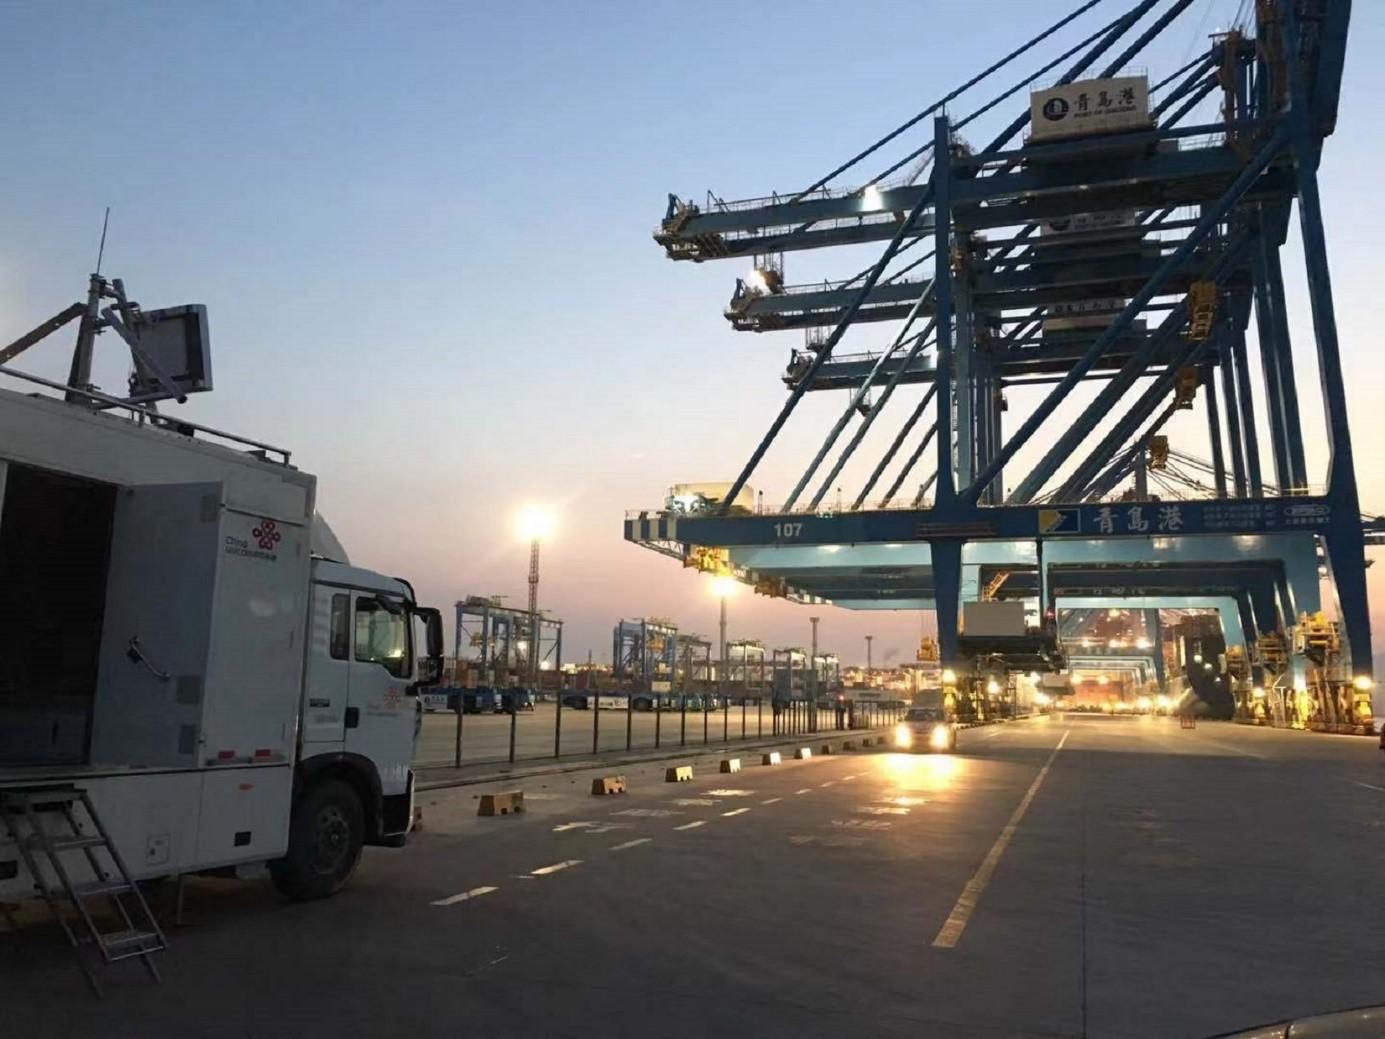 Ericsson a China Unicom vyvíjajú inteligentný 5G prístav v čínskom Port of Qingdao. (Zdroj: Ericsson)